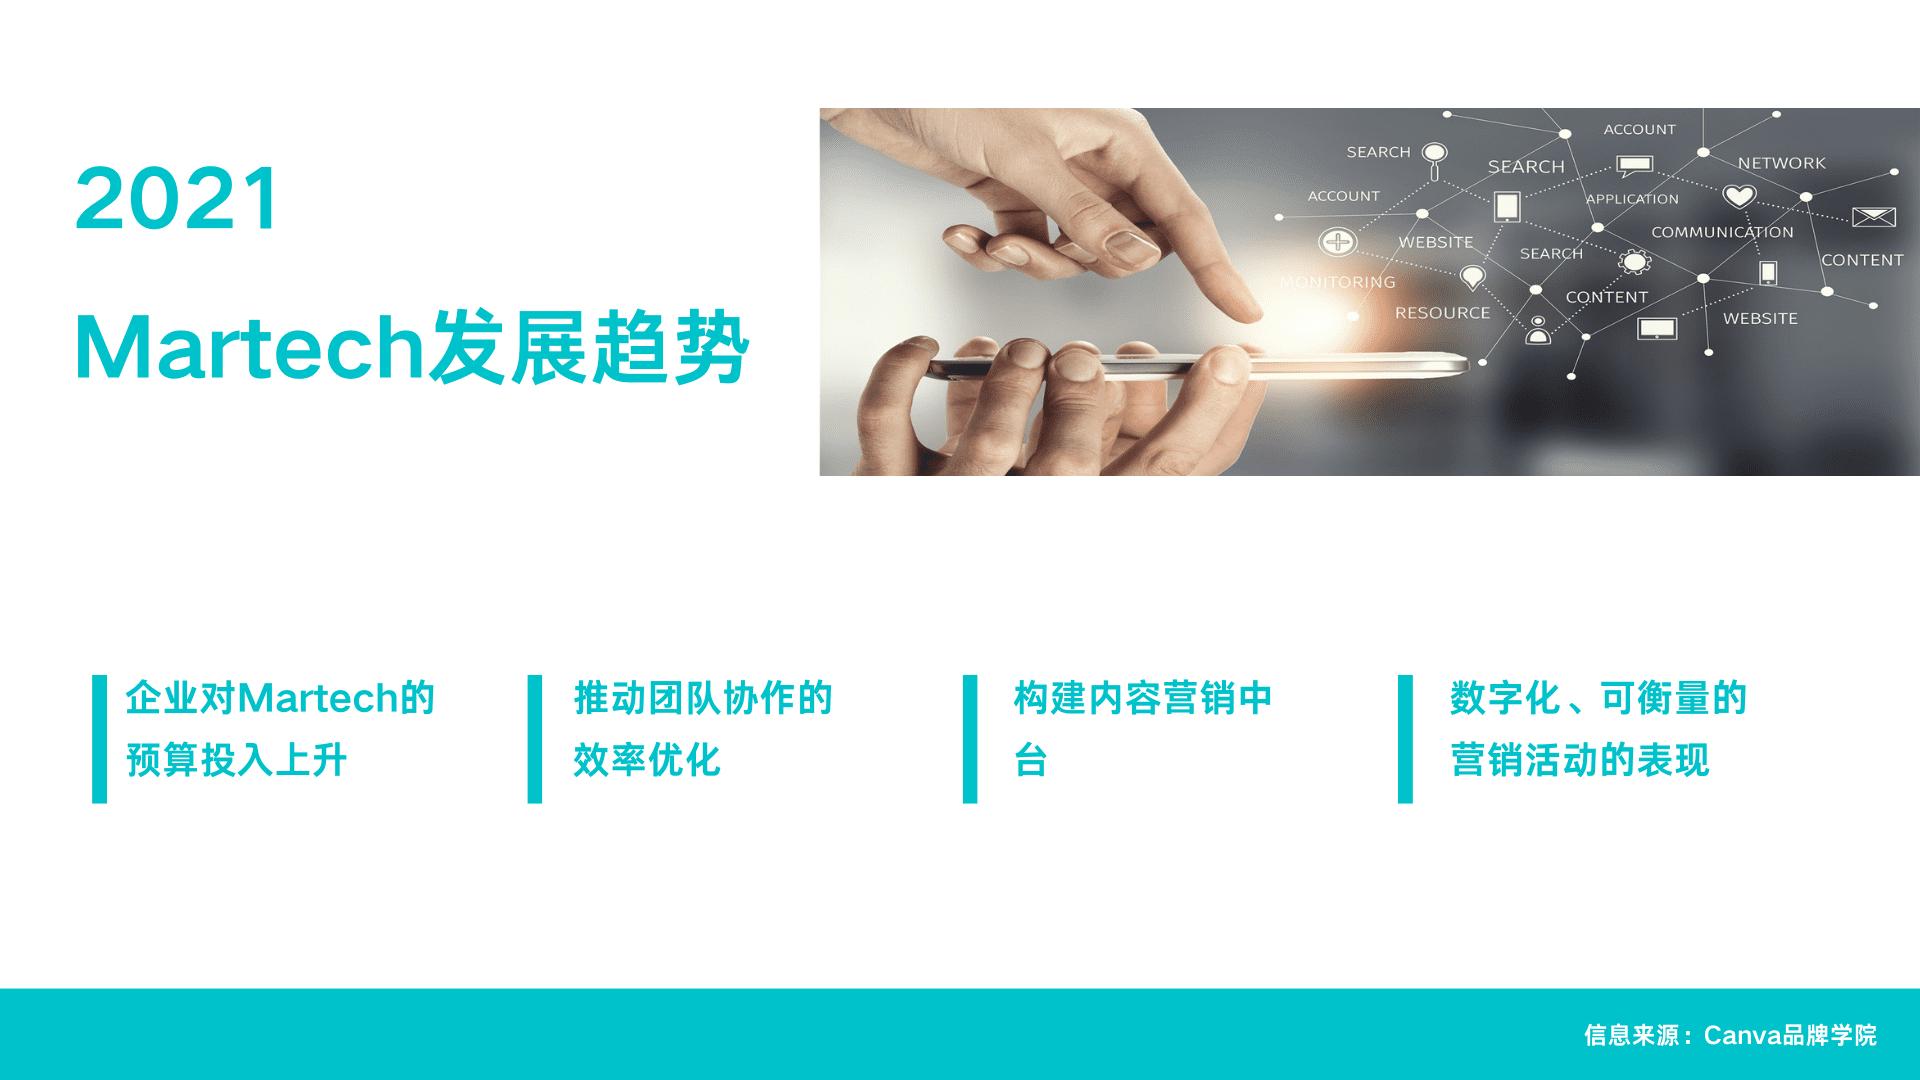 吴林:新消费时代,探索品牌的有机成长